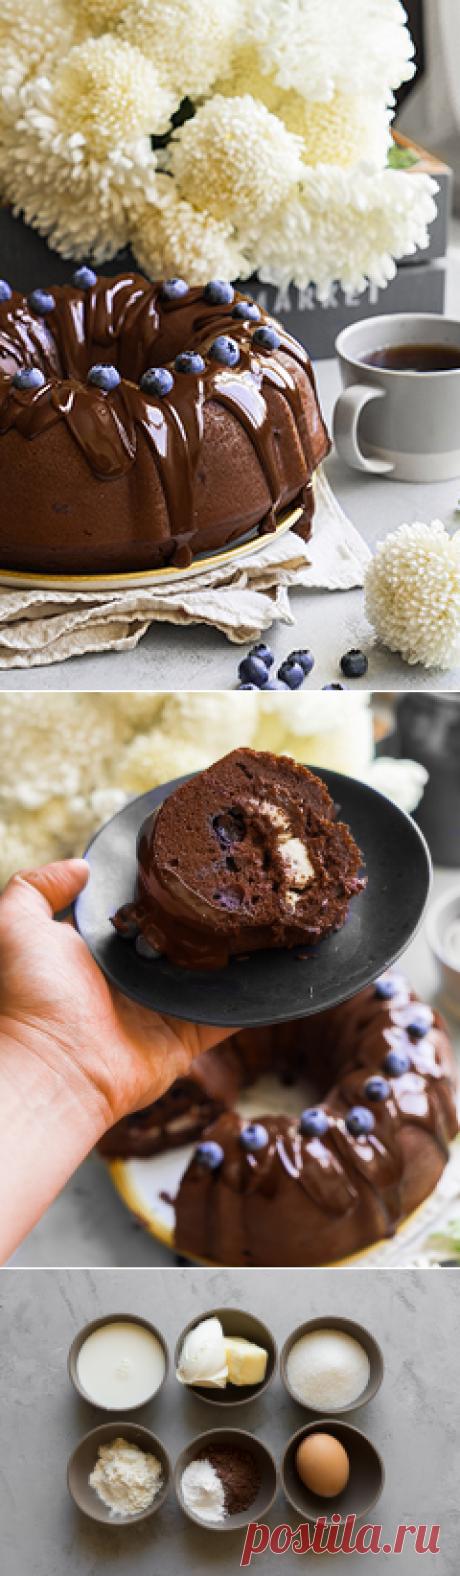 Удивительный шоколадный кекс с ягодами - Andy Chef (Энди Шеф)